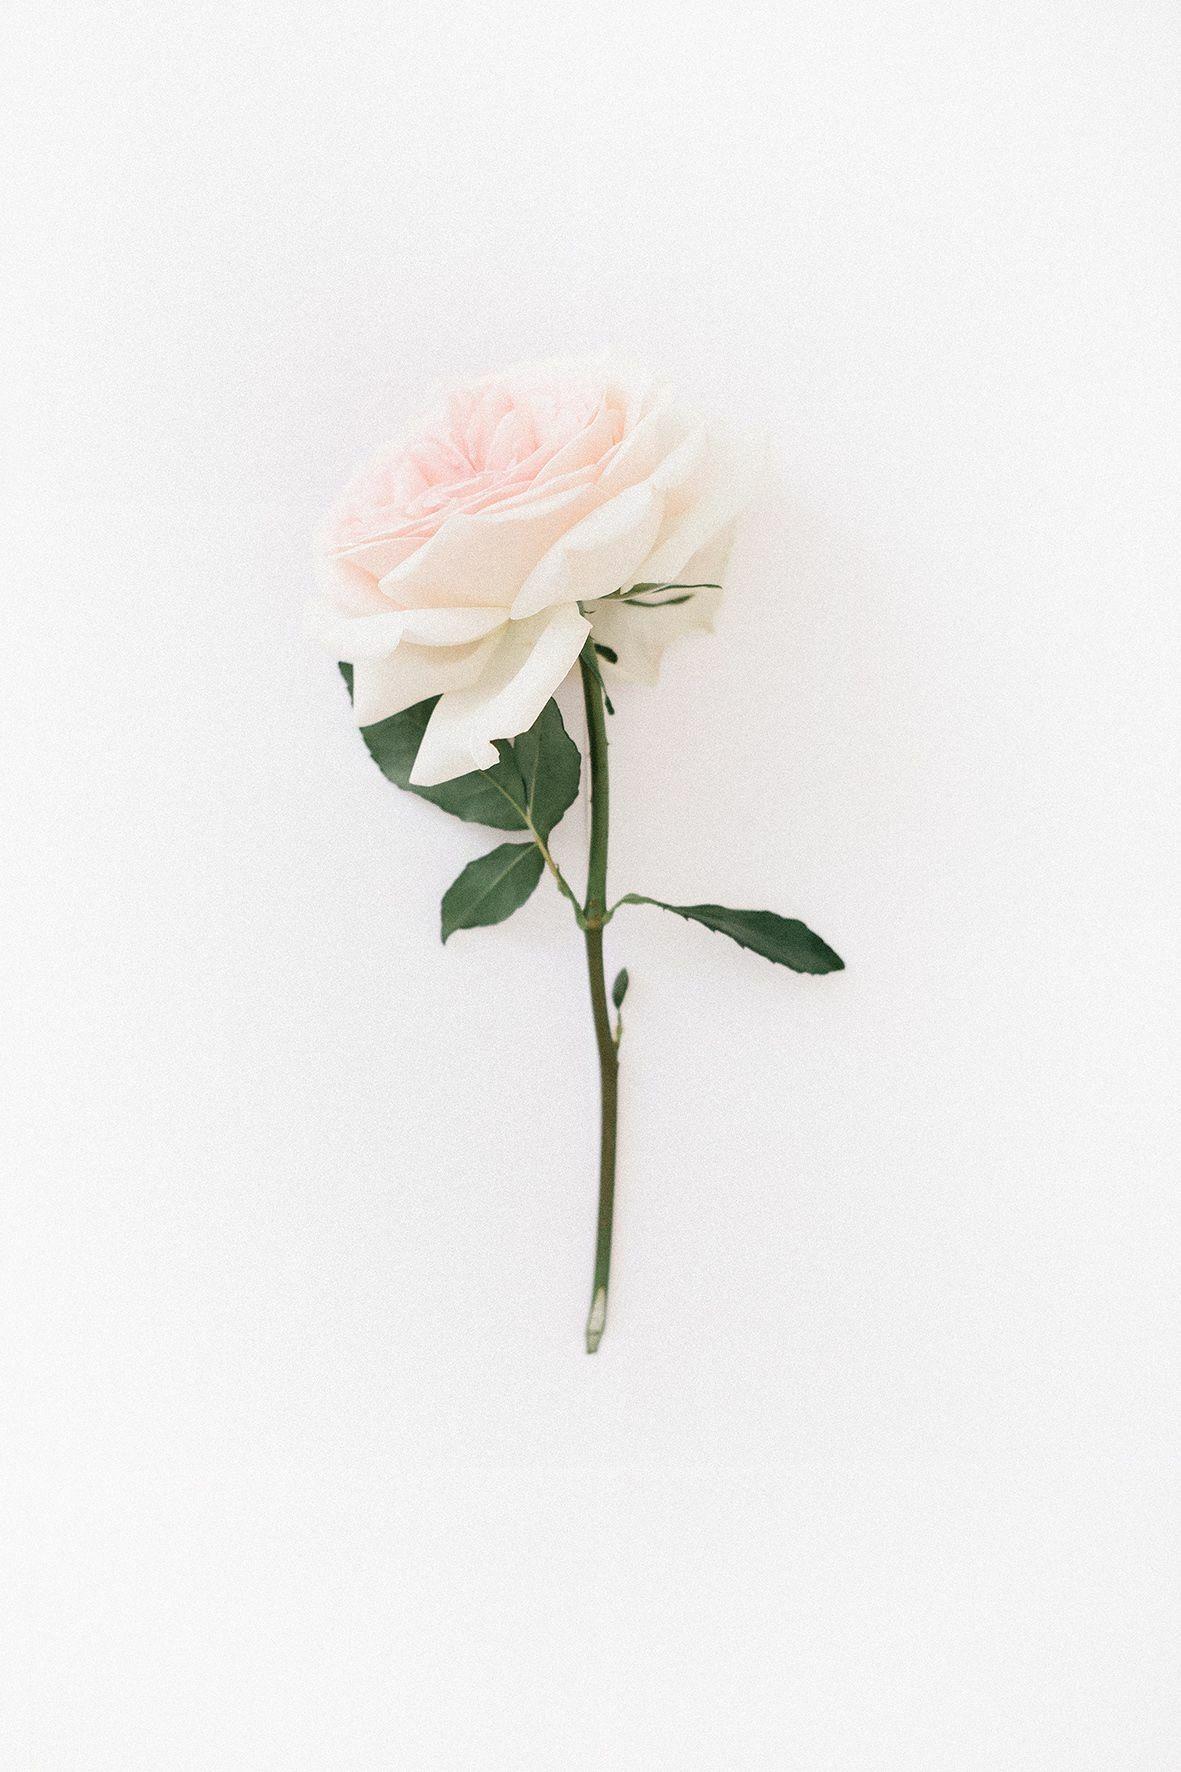 Underbeadsphotos White Roses Wallpaper Rose Wallpaper White Roses Background